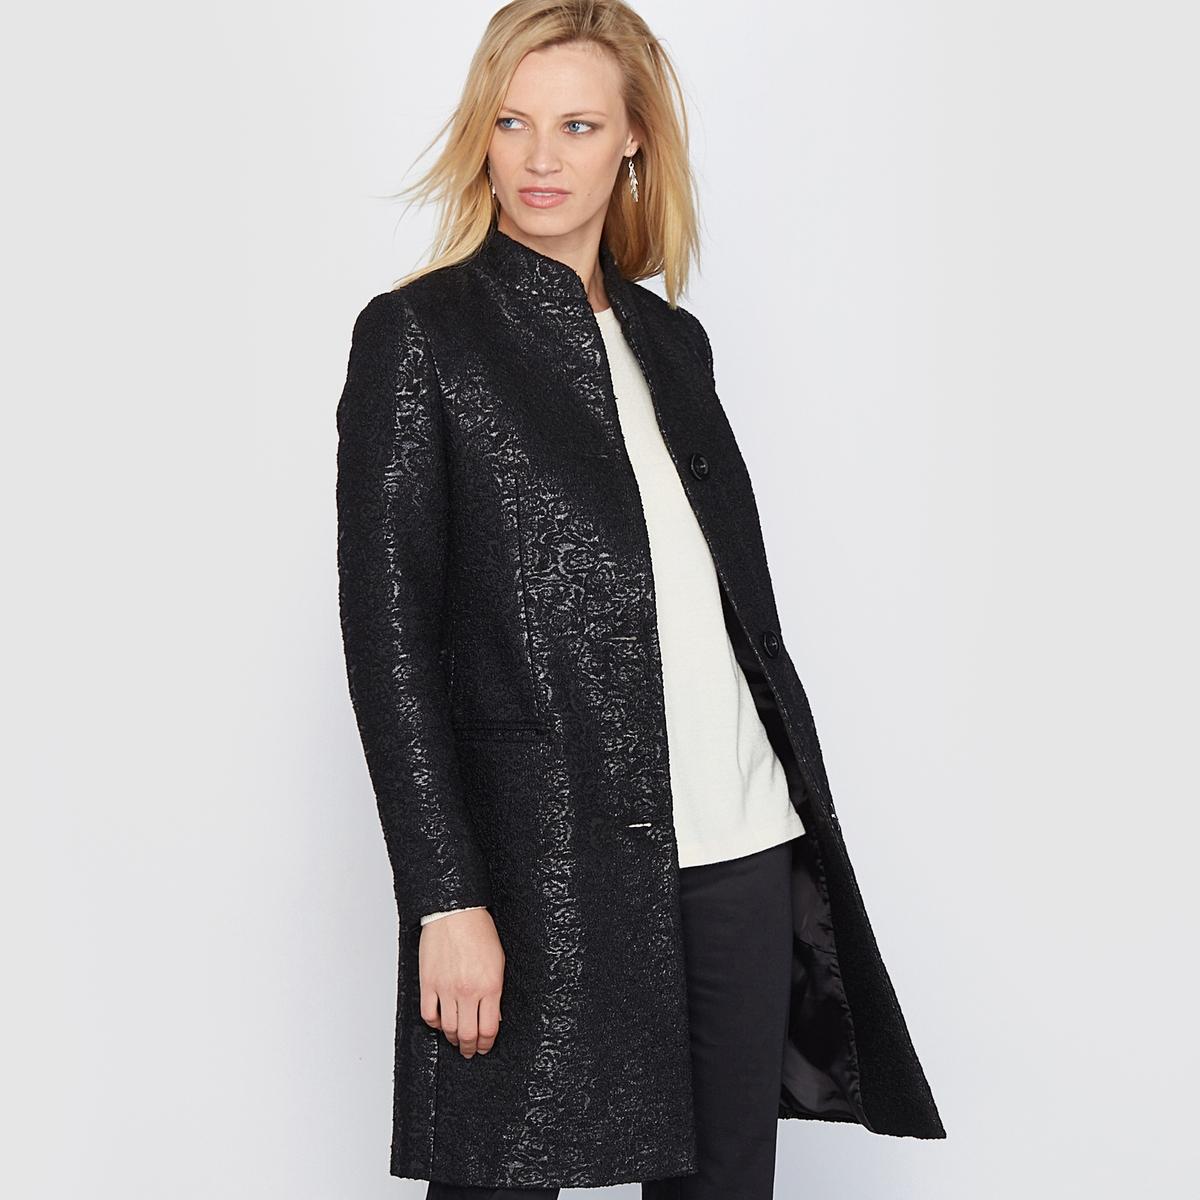 Пальто прямое жаккардовоеПрямое жаккардовое пальто. Красивая жаккардовая вязка. Небольшой воротник-стойка. Красивый прямой покрой. Швы спереди и сзади. Застёжка спереди на 3 пуговицы. 2 передних кармана.                   Состав и описание:          Материал: жаккардовая ткань  44% полиамида, 36% акрила,  20% хлопка.           Подкладка:  100% полиэстер.         Длина: 90 см.          Марка: Anne  Weyburn.               Уход:         - Сухая чистка.         - Гладить при низкой температуре.<br><br>Цвет: черный<br>Размер: 42 (FR) - 48 (RUS).50 (FR) - 56 (RUS)